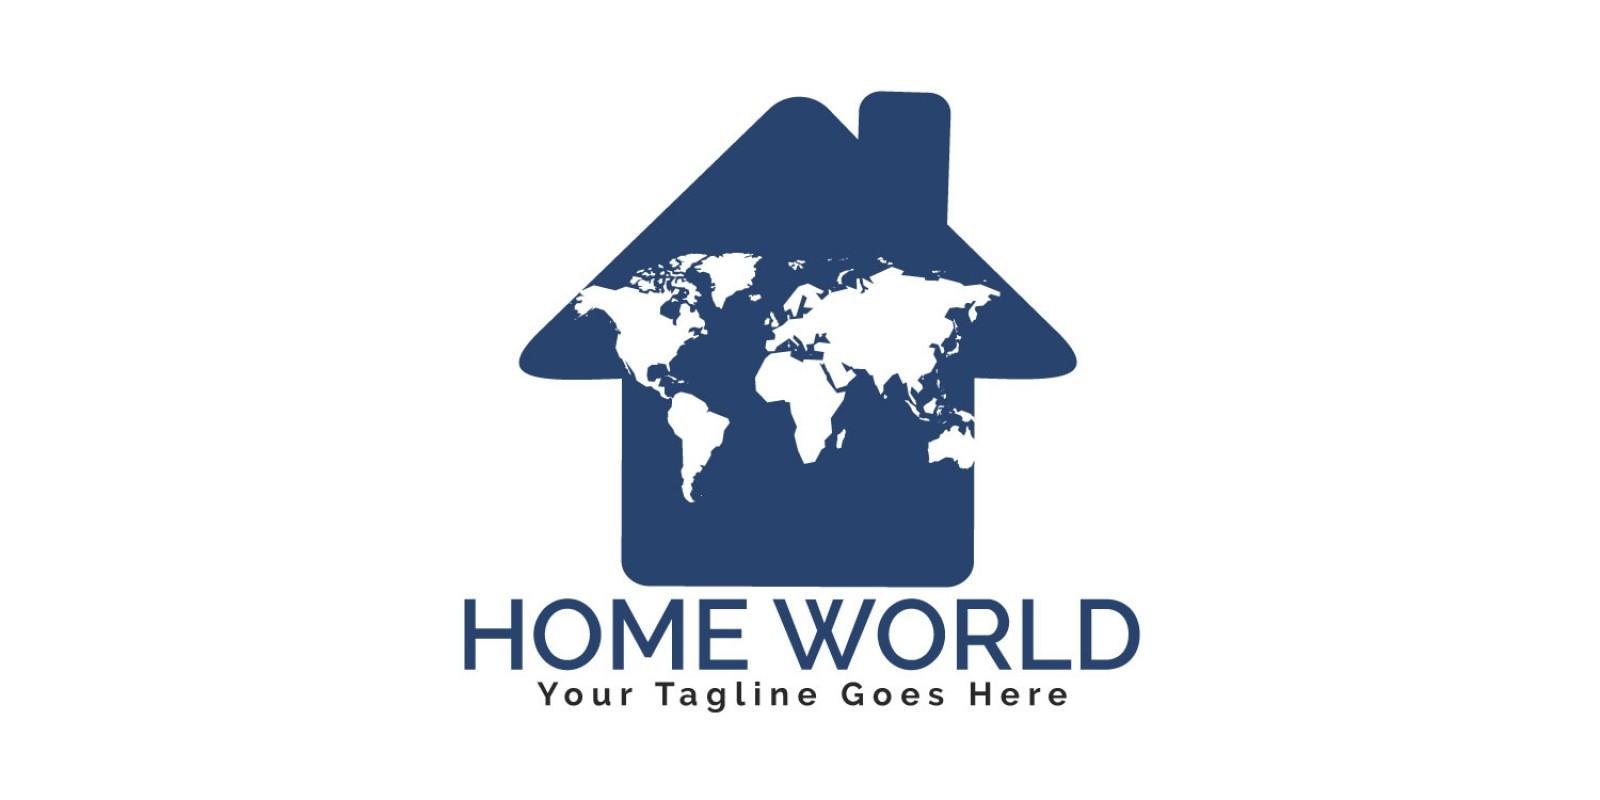 Home World Logo Design